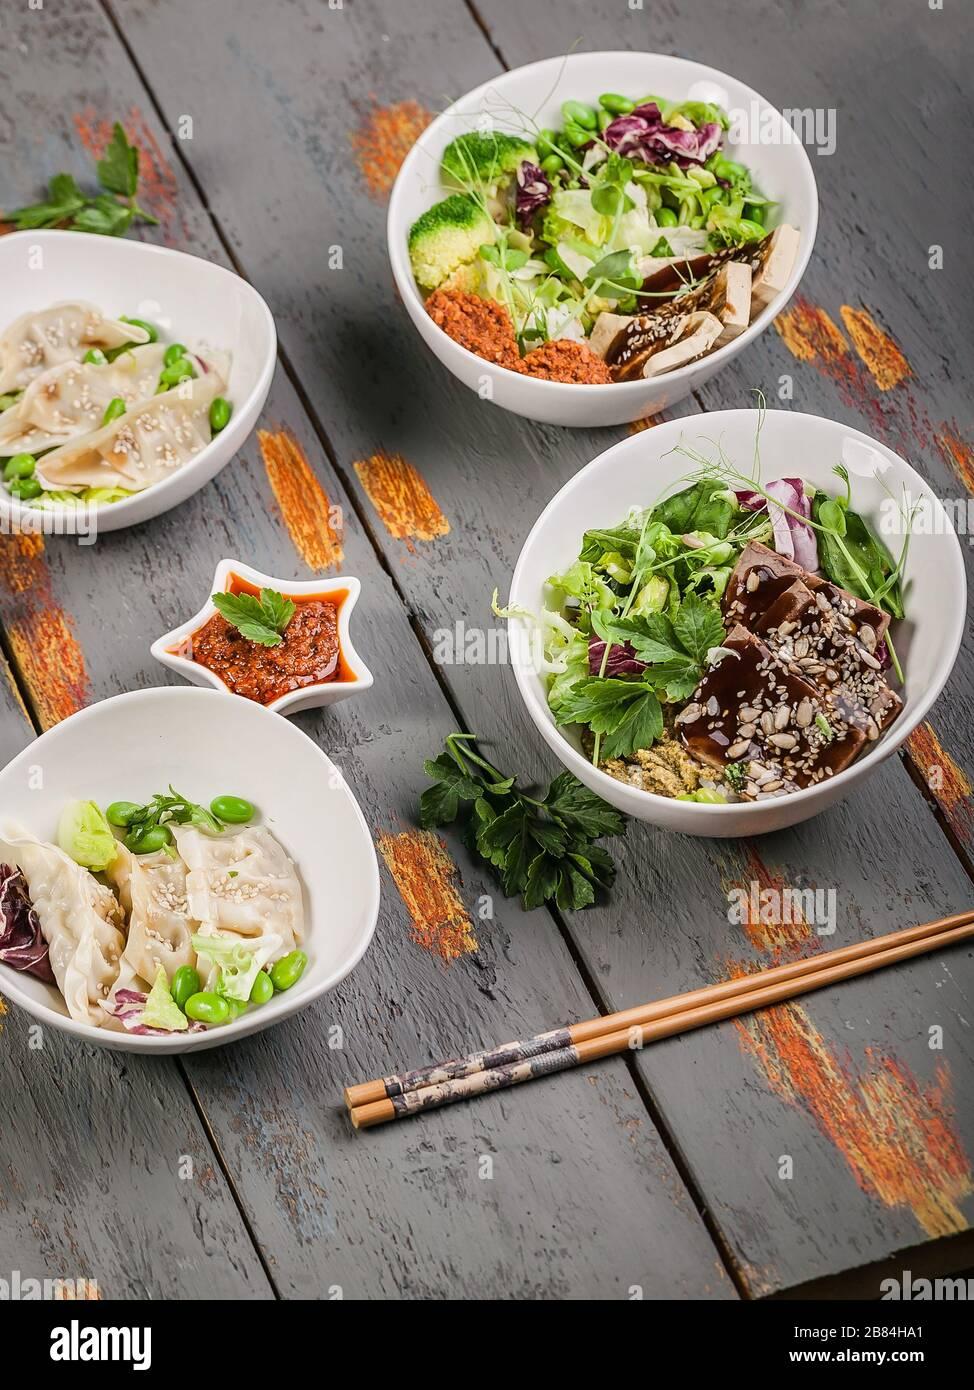 Buñuelos de gyozu tradicionales de tiro vertical, verduras hervidas con arroz, cerdo y salsa picante. Cocina oriental Foto de stock